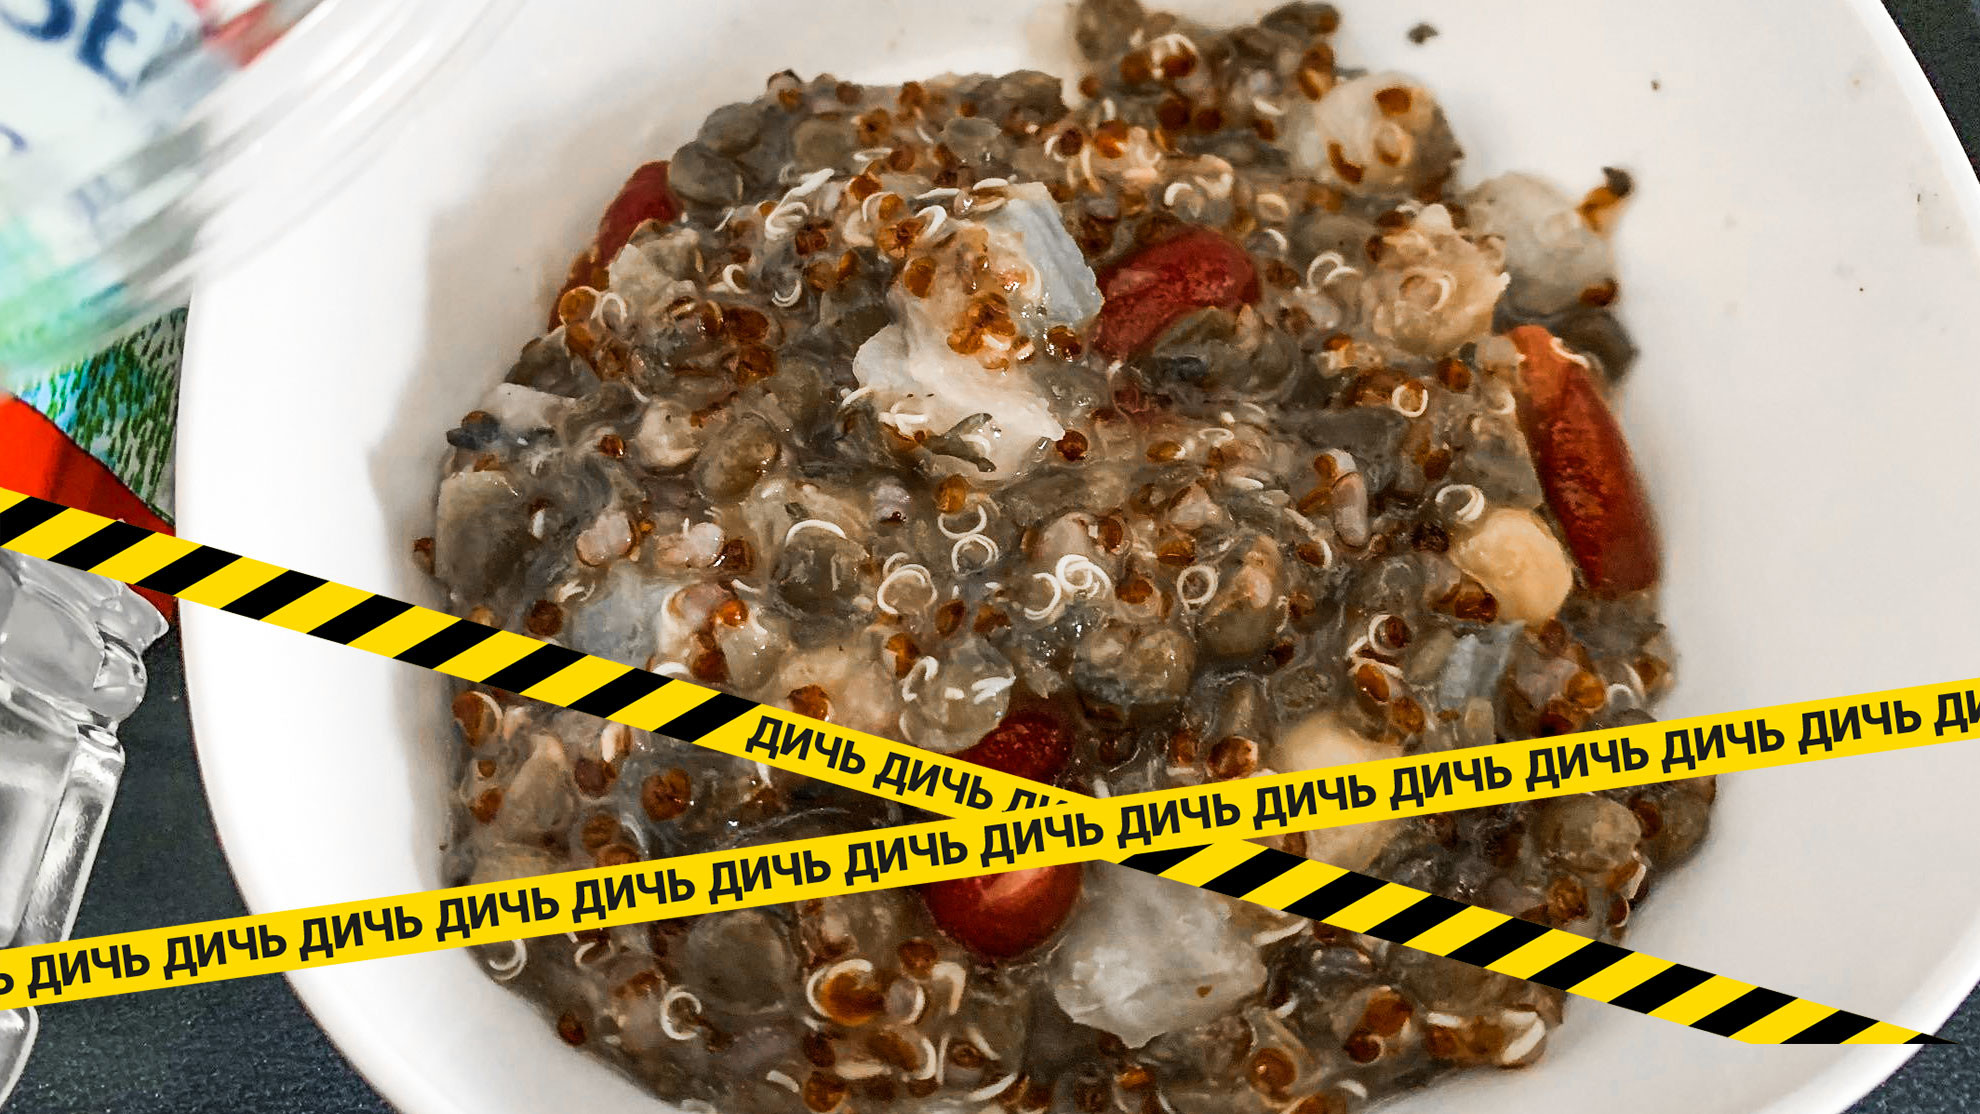 Гид по вкусу: безумные факты о еде на борту самолета!